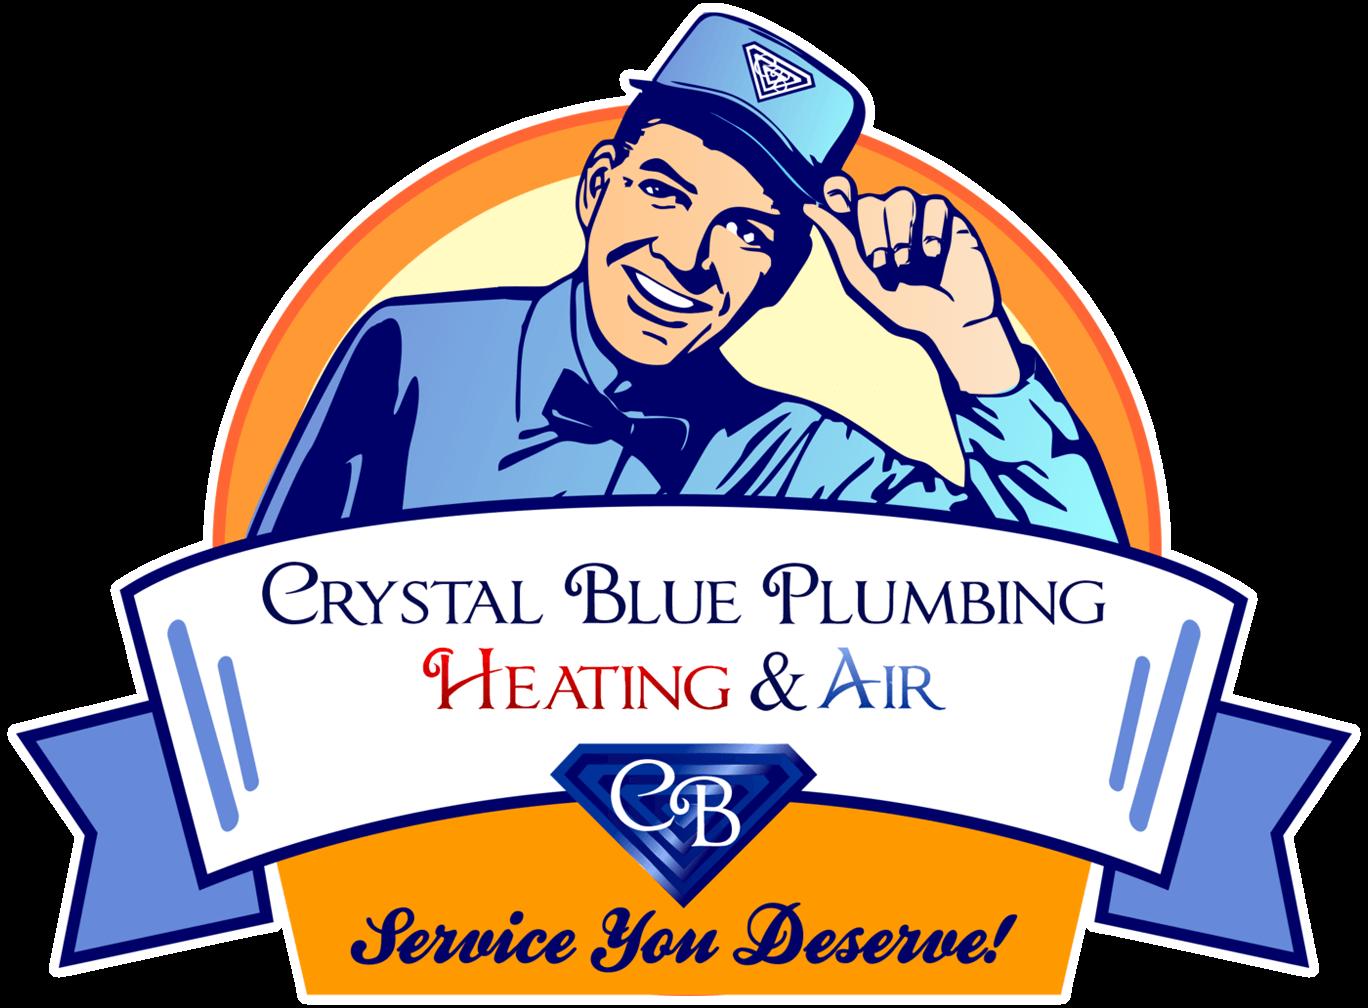 Crystal Blue Plumbing, Heating & Air